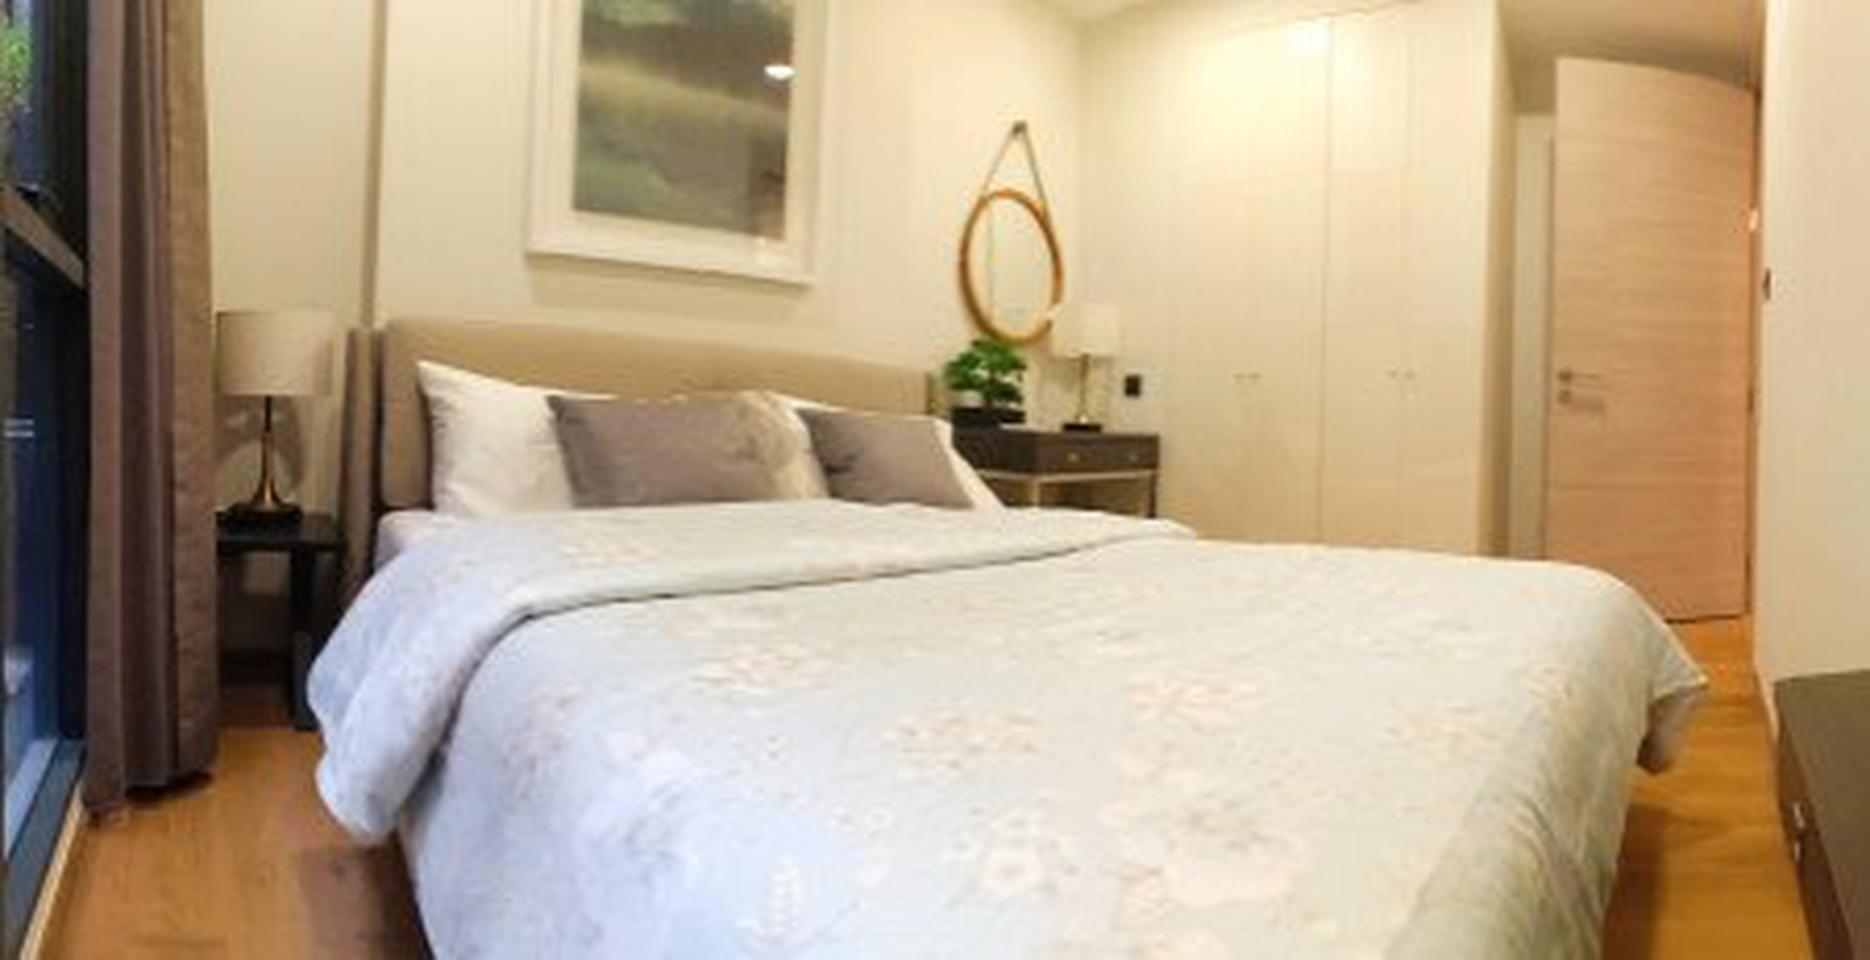 ขาย คอนโด For Sale Klass Langsuan Luxury condo on Langsuan rd. with Fully Furnished and Nice Decoration Klass หลังสวน 74 รูปที่ 6